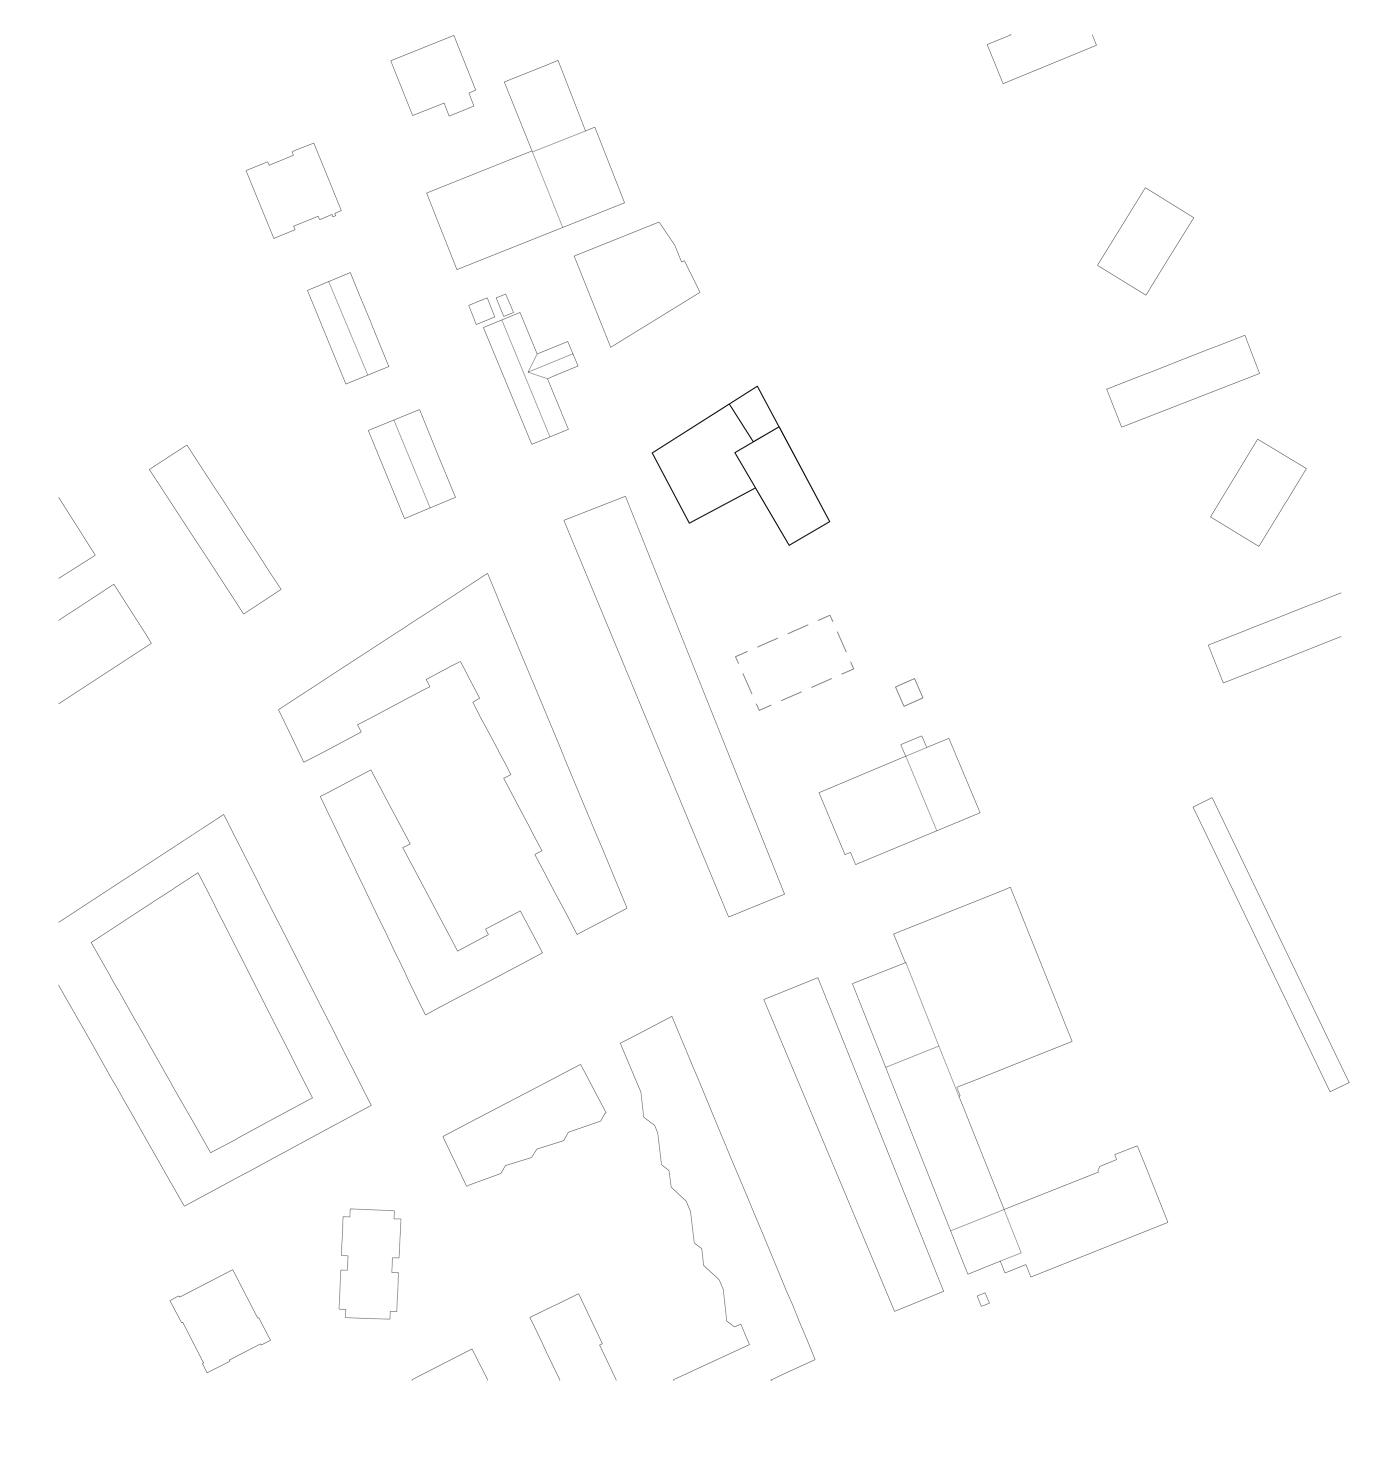 buan architekten – Studienauftrag Wohnheim Lindenfeld Emmen – Situation